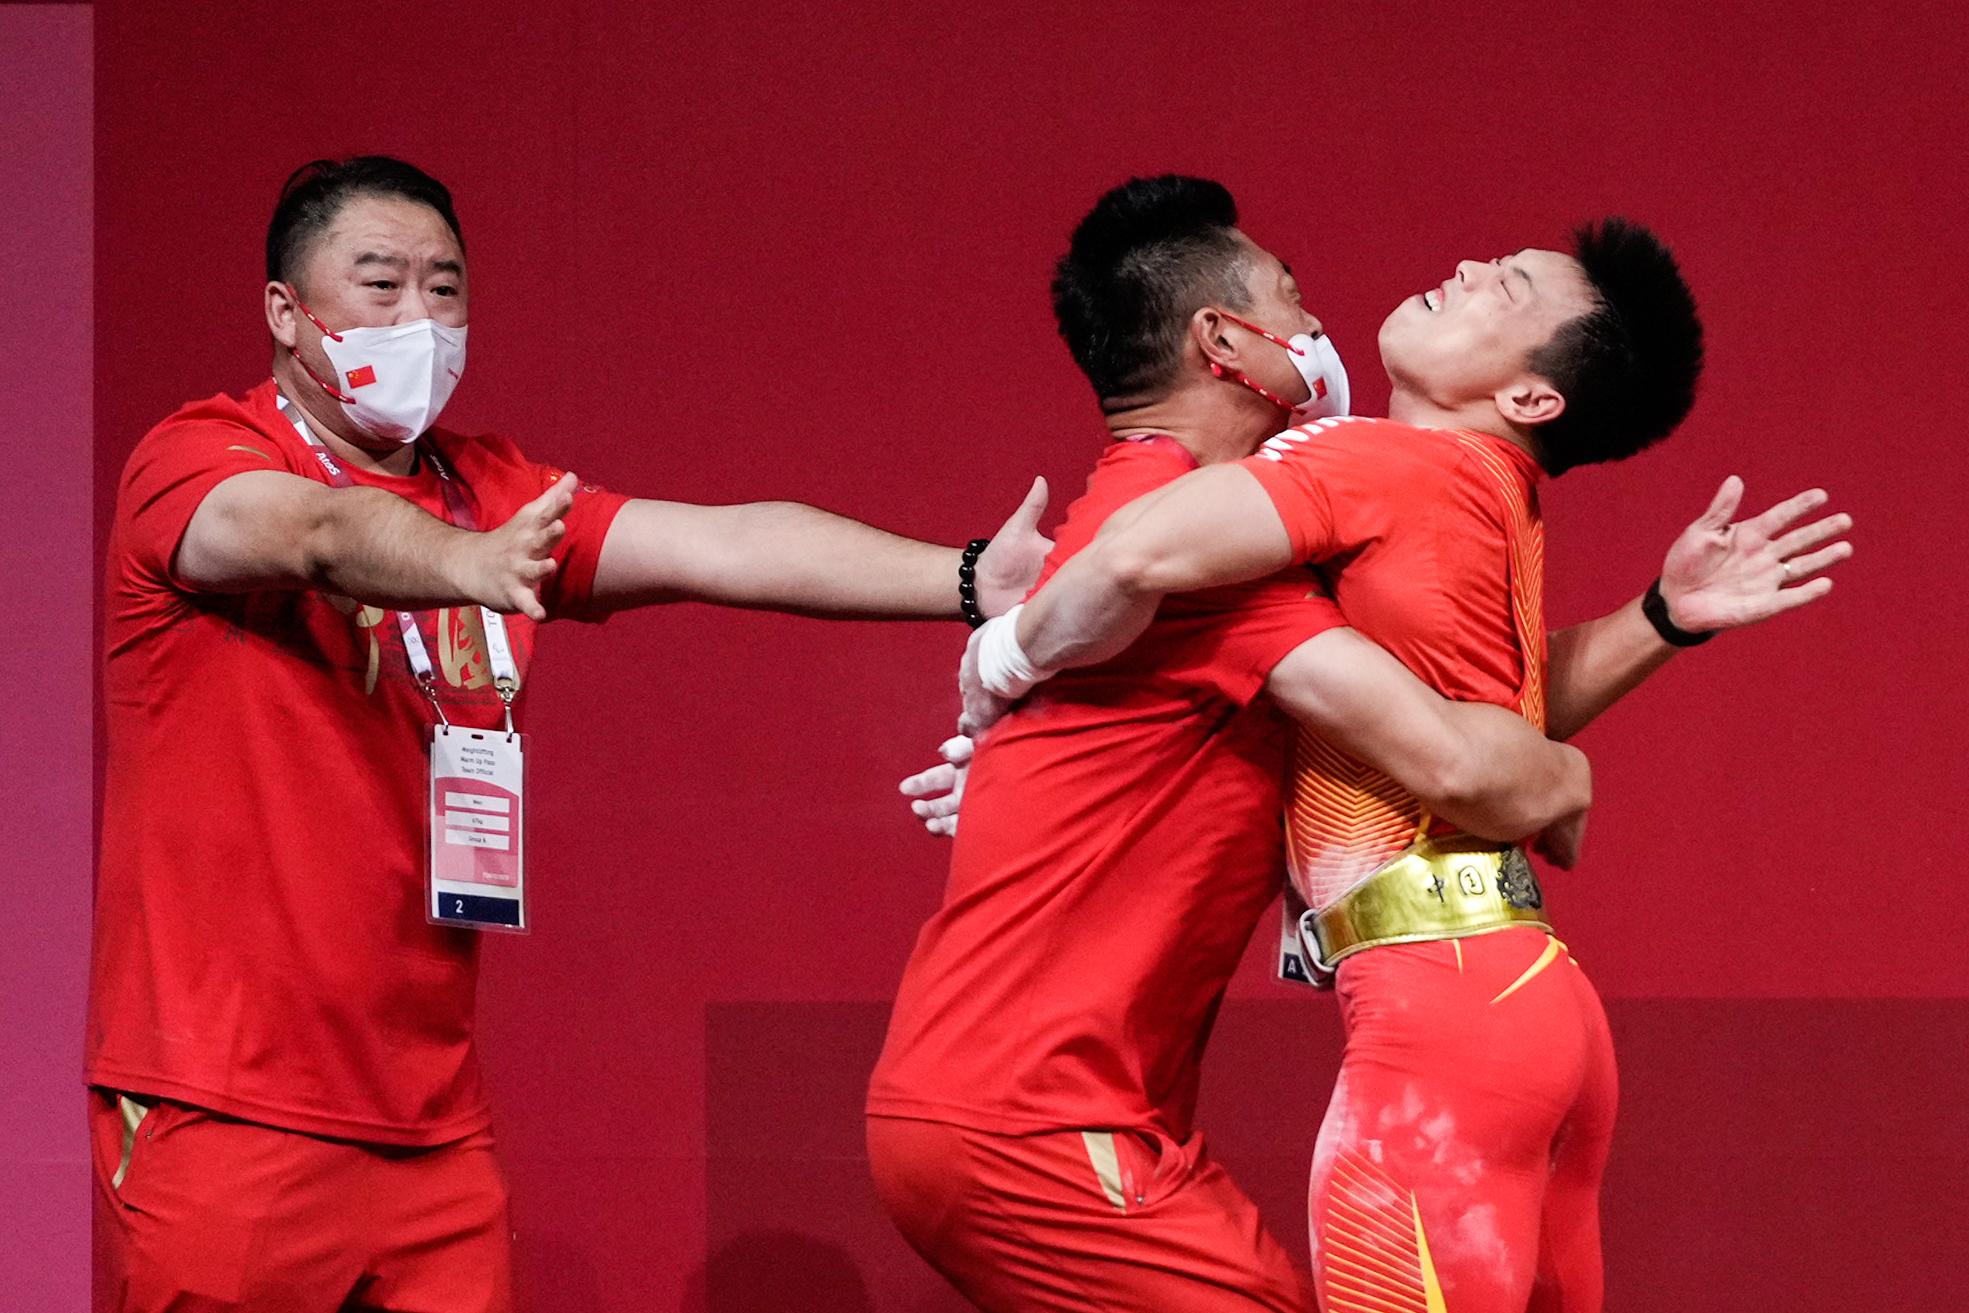 谌利军和教练拥抱。